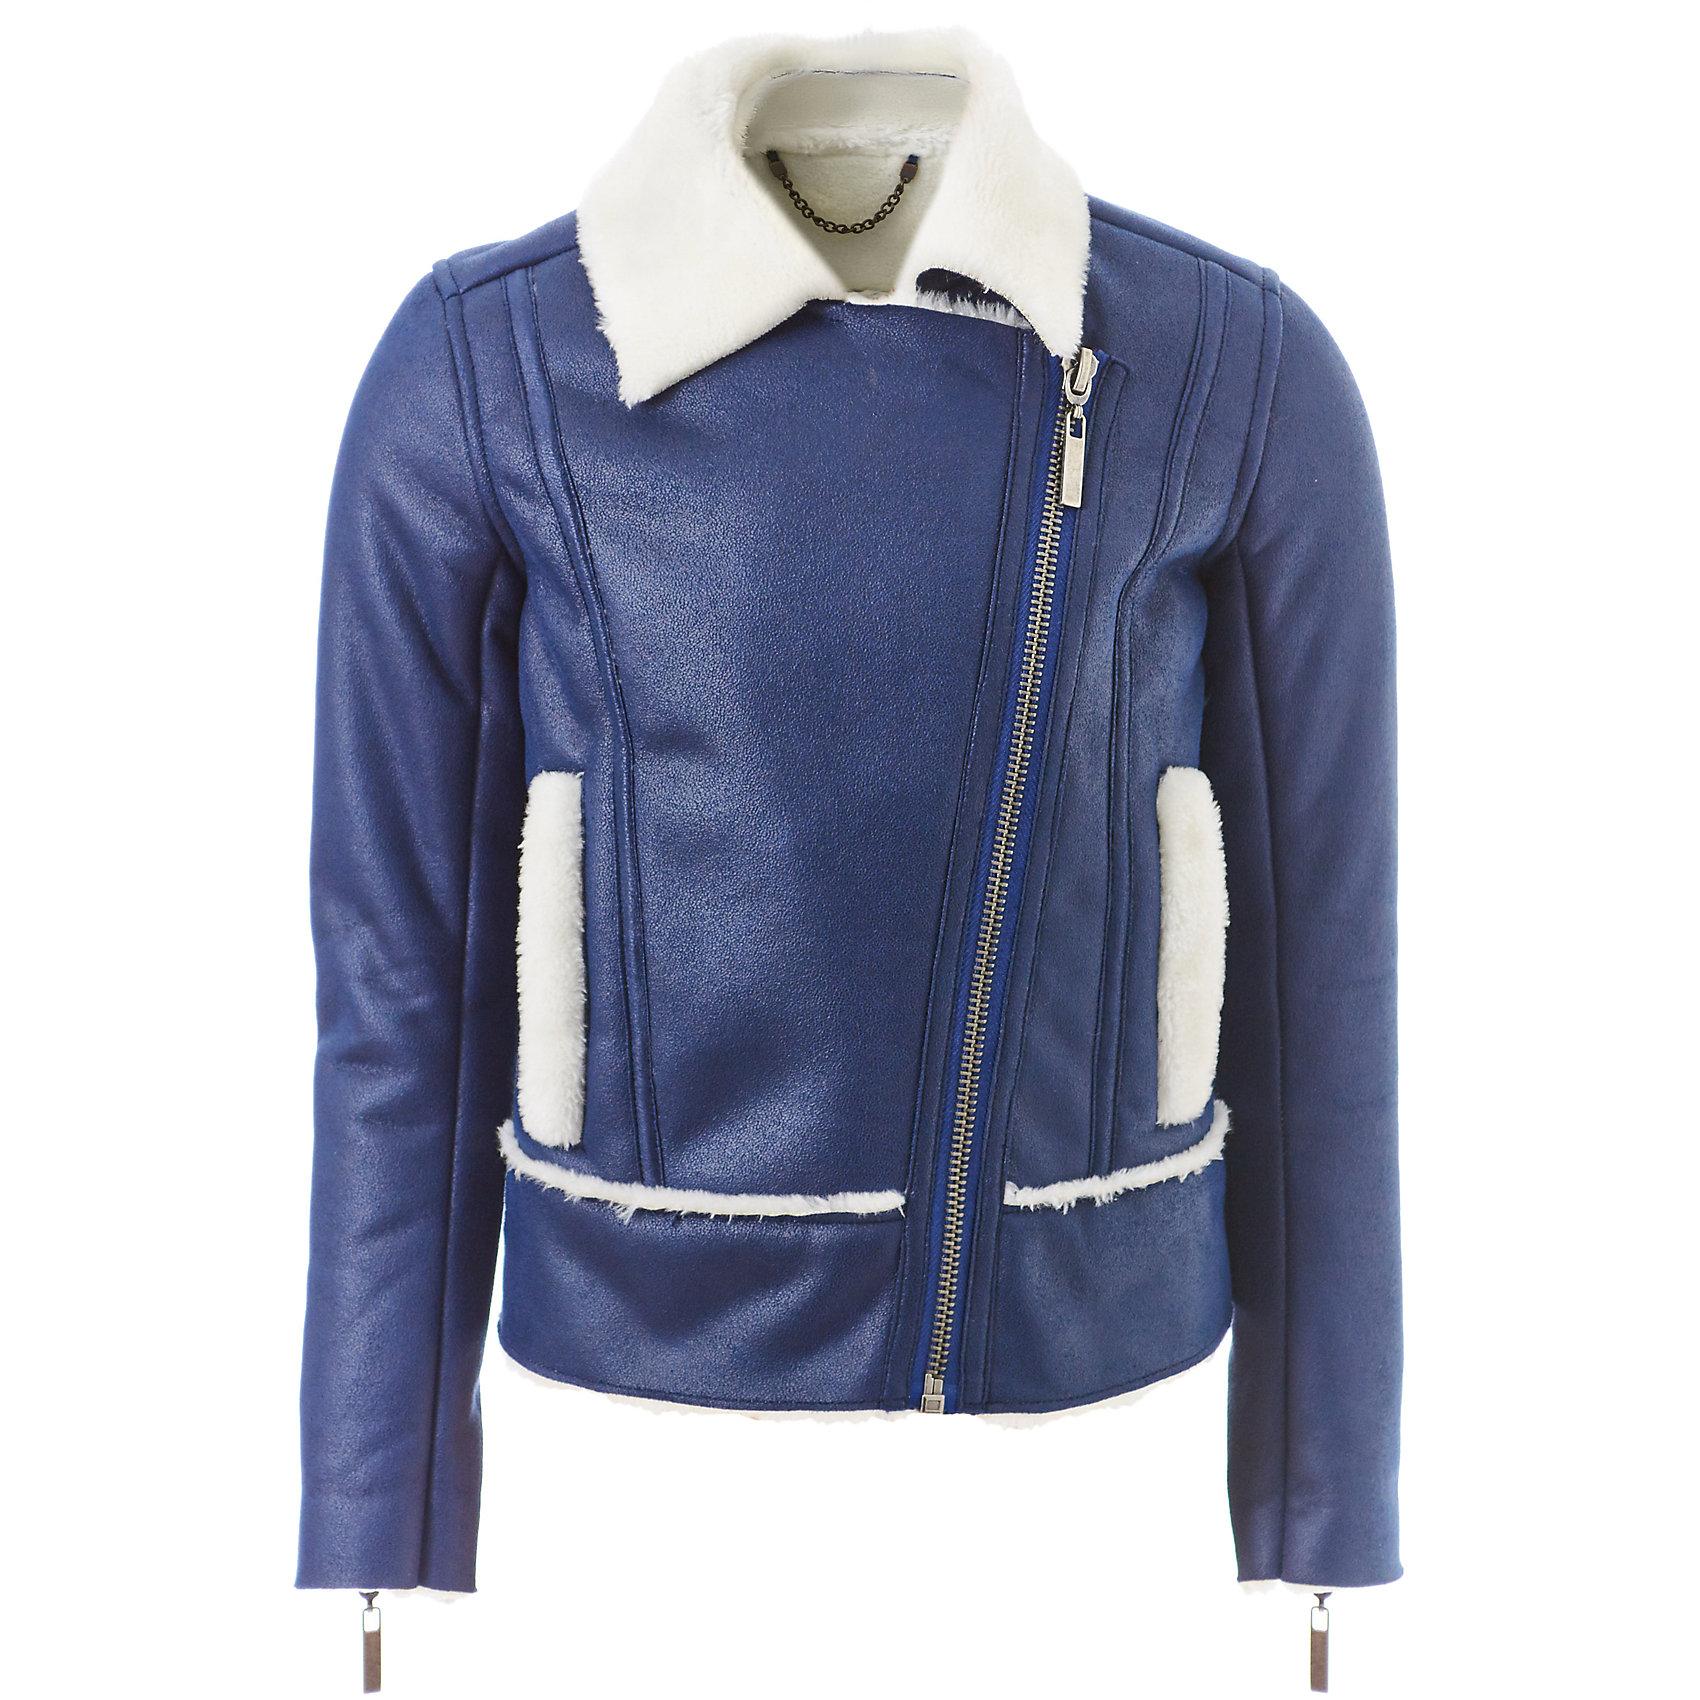 Куртка Gulliver для девочкиВерхняя одежда<br>Куртка Gulliver для девочки<br>Яркий красный свитер не оставляет сомнений в том, что эта вещь станет одной из самых любимых в осенне-зимнем гардеробе ребенка! Свободная форма, модные косы в оформлении передней части модели делают свитер стильным и интересным. Прекрасный состав пряжи исключает колкость изделия, гарантируя мягкость и уют. Теплый свитер для девочки идеально дополнит любой комплект и сделает каждый день ребенка комфортным.<br>Состав:<br>40% вискоза     20% шерсть     20% нейлон     20% ангора<br><br>Ширина мм: 356<br>Глубина мм: 10<br>Высота мм: 245<br>Вес г: 519<br>Цвет: синий<br>Возраст от месяцев: 72<br>Возраст до месяцев: 84<br>Пол: Женский<br>Возраст: Детский<br>Размер: 122,140,134,128<br>SKU: 7076797